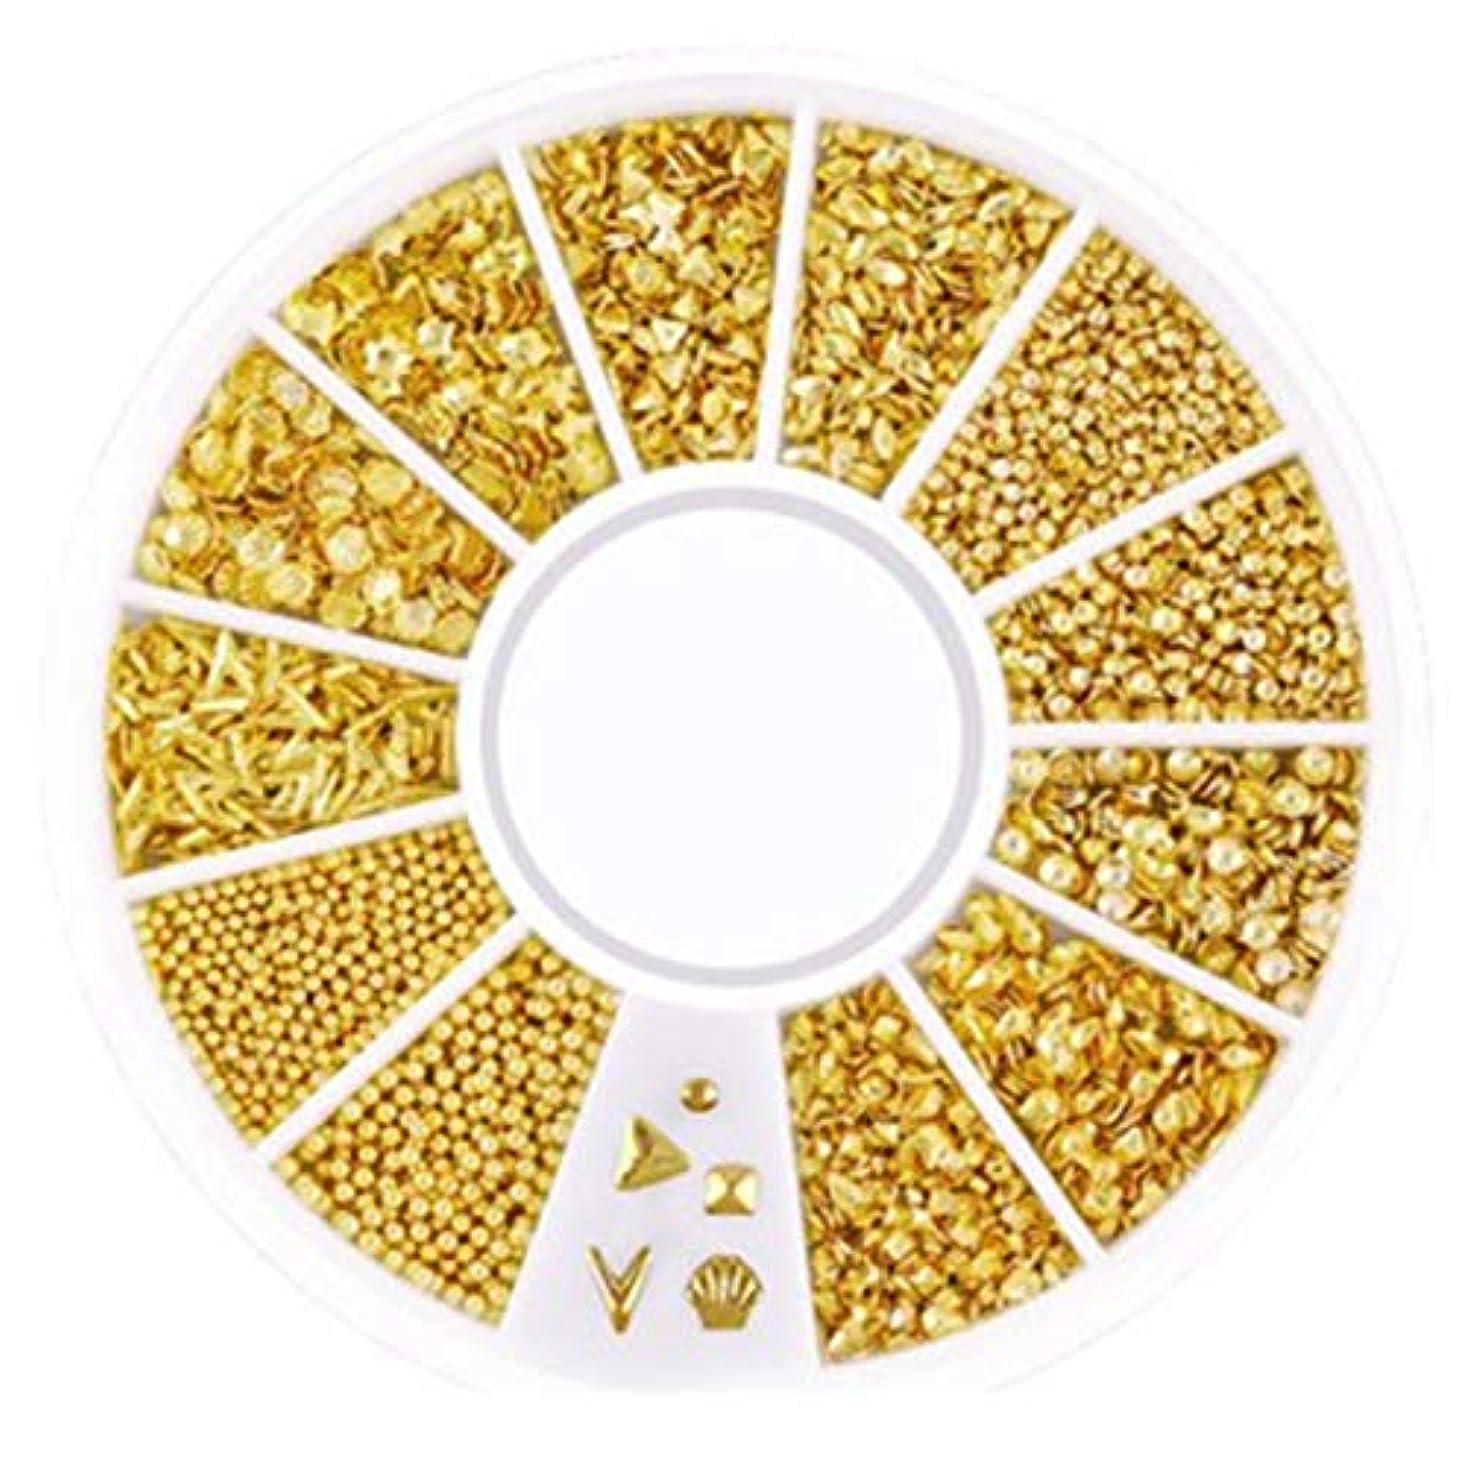 学士大工お誕生日TOOGOO 3d中空ネイルアートデコレーション混合形状の幾何学ゴールデンチップdiyネイルアートツールファッションネイルデコレーションステッカーXy-05